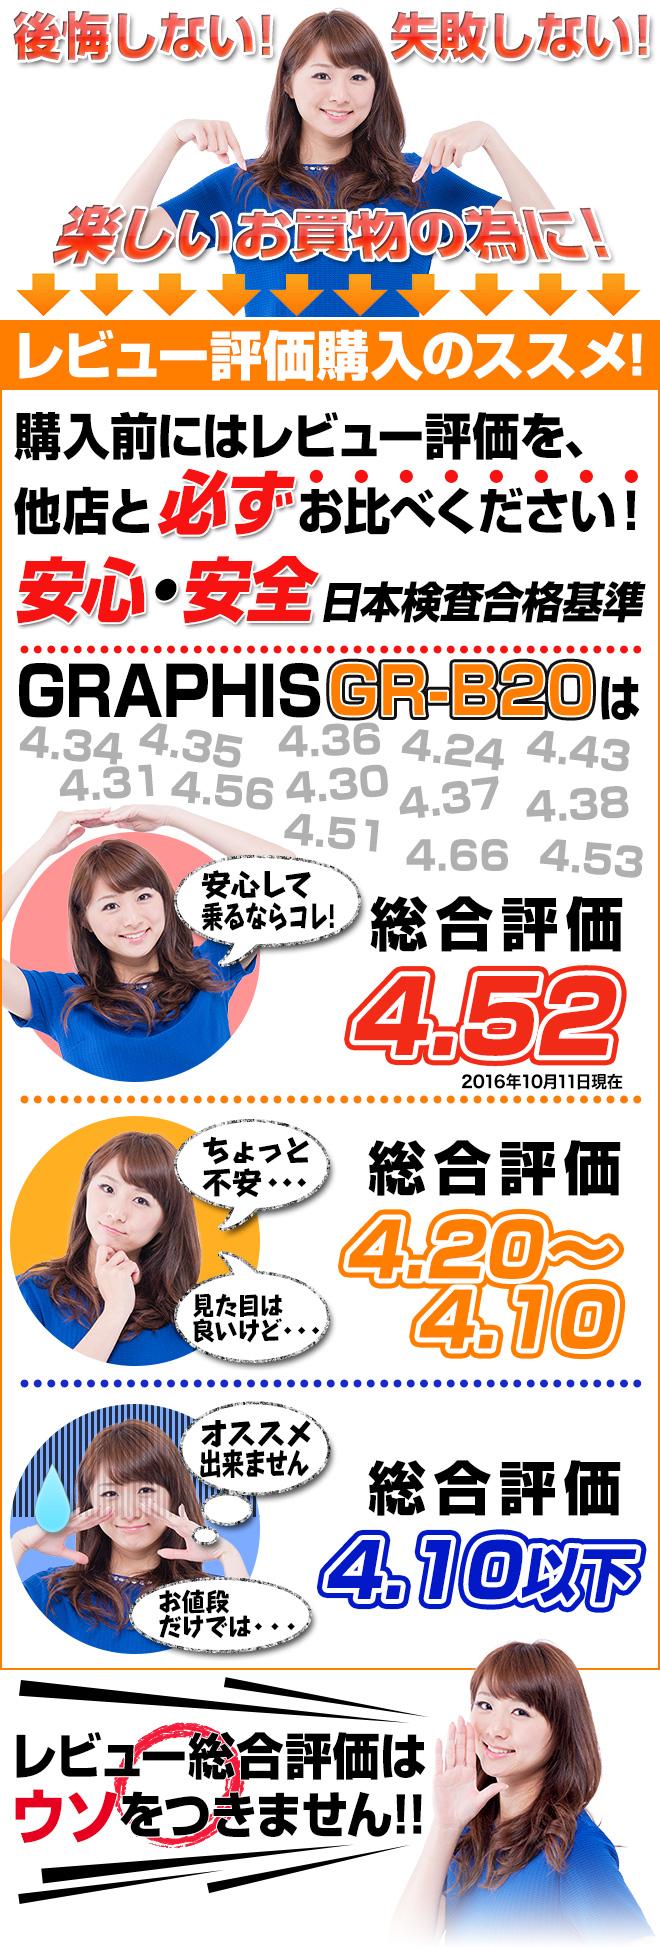 rev-susume_b20.jpg